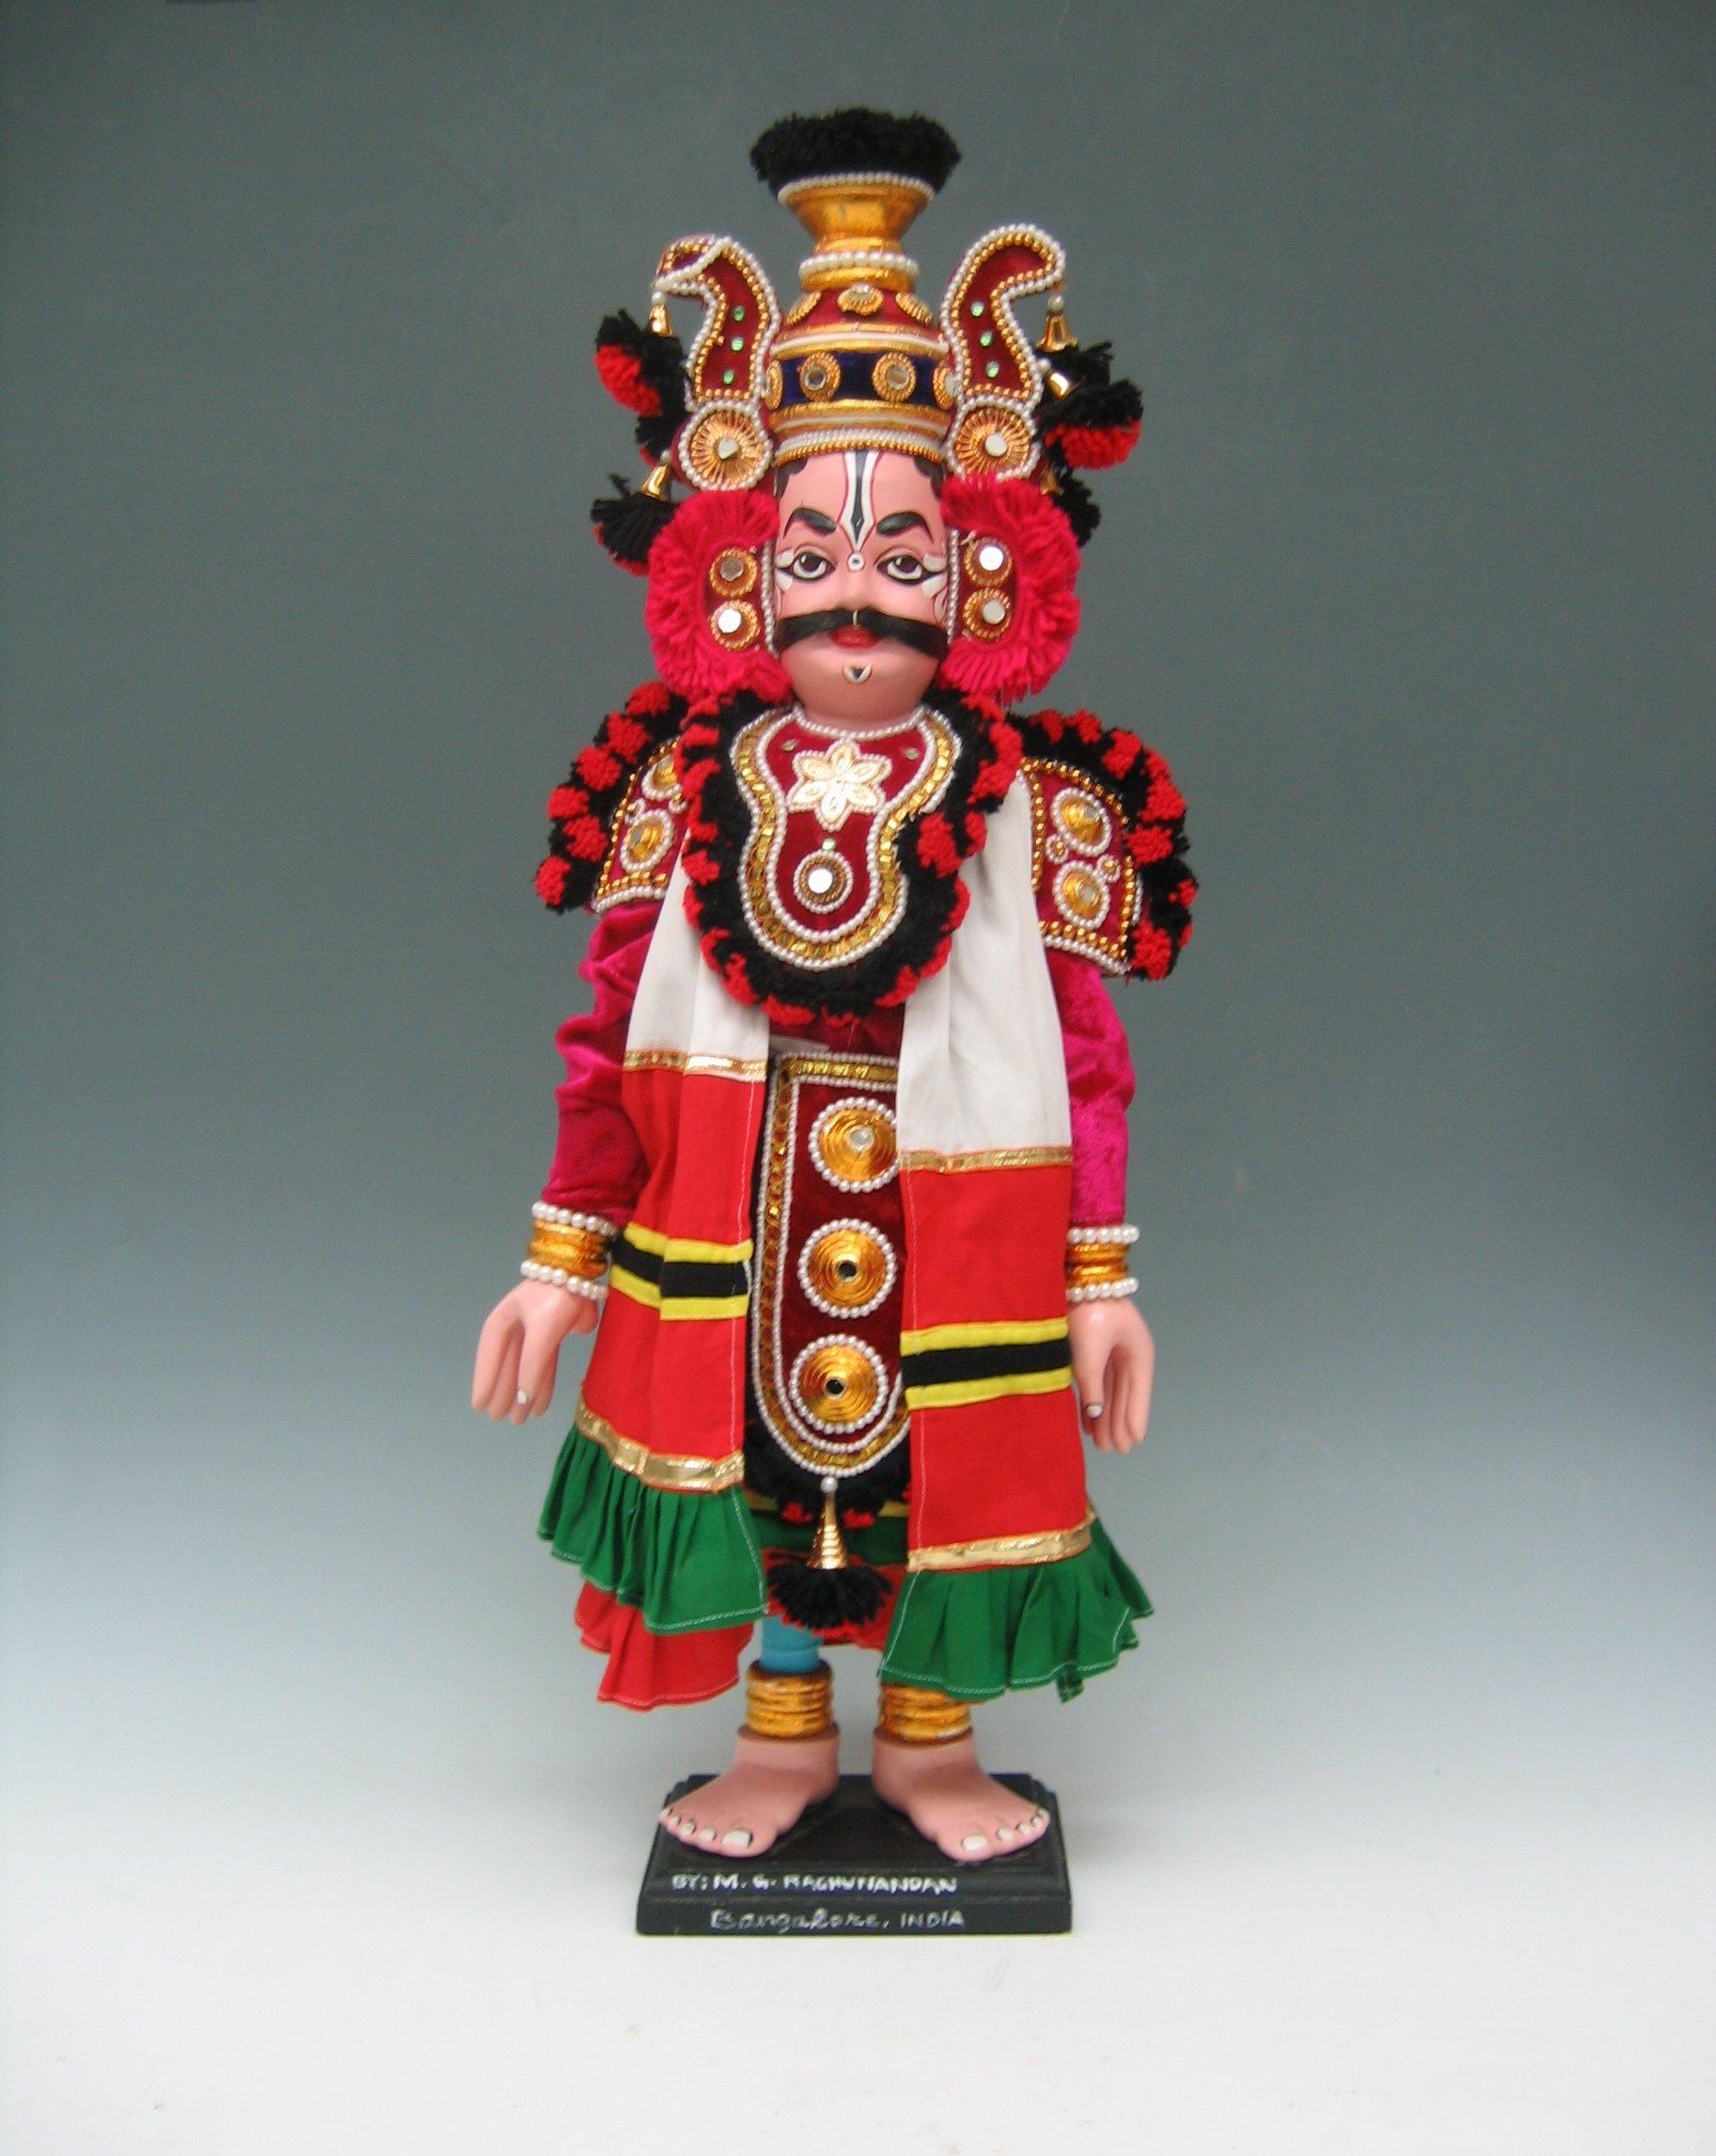 Une marionnette d'un personnage masculin dans le style de <em>yakshagana gombeyata</em> par Rangaputhali Raghunandan (Bangalore, Karnataka, Inde). Marionnette (fils enlevées et montées sur une base), hauteur: 68 cm. Collection : Center for Puppetry Arts (Atlanta, Géorgie, États-Unis)